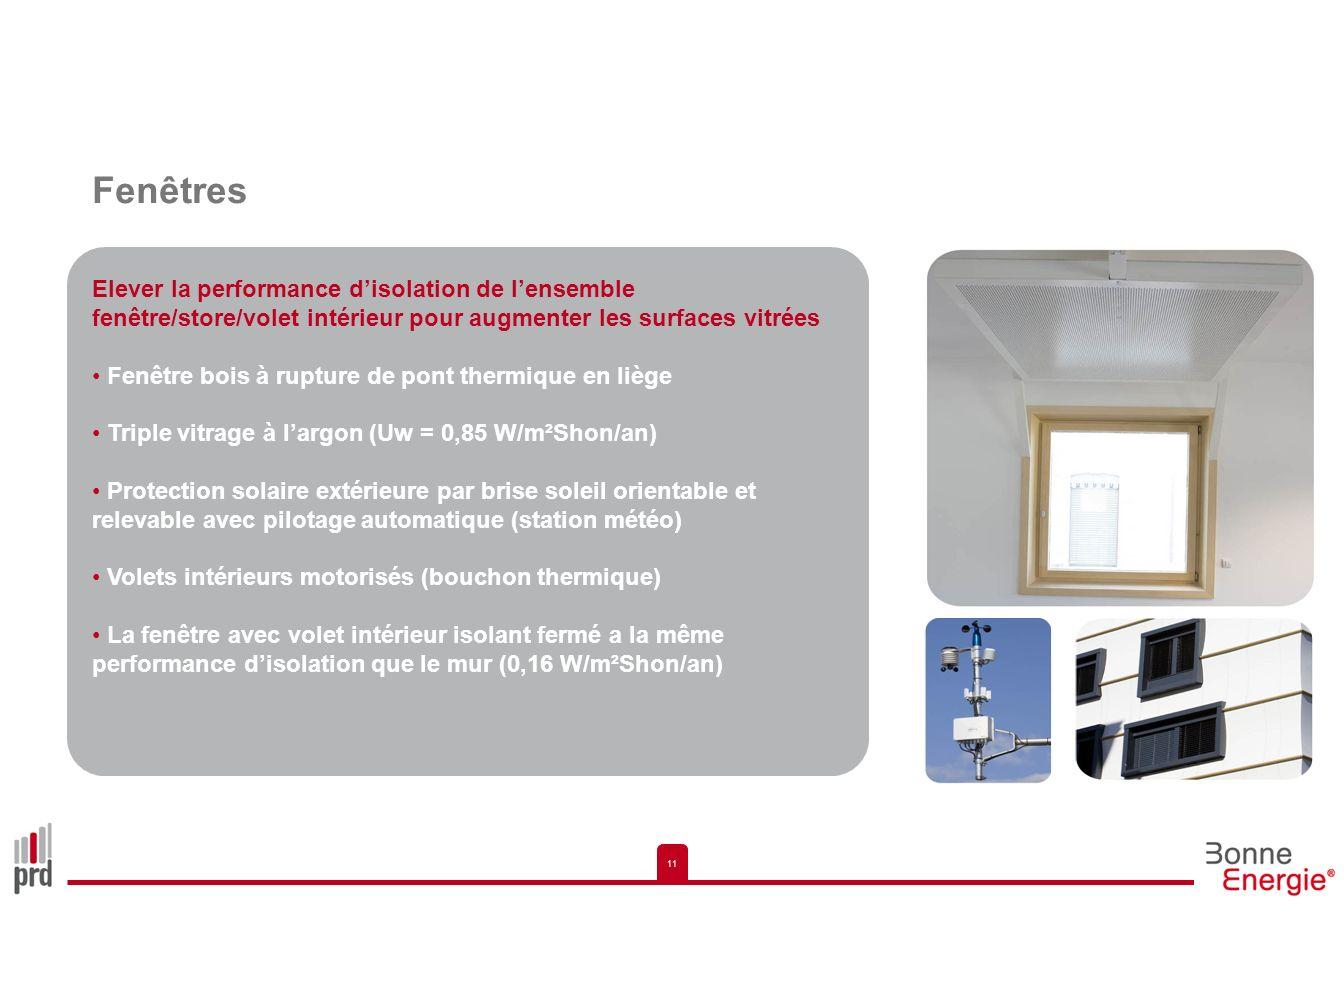 Fenêtres Elever la performance d'isolation de l'ensemble fenêtre/store/volet intérieur pour augmenter les surfaces vitrées.